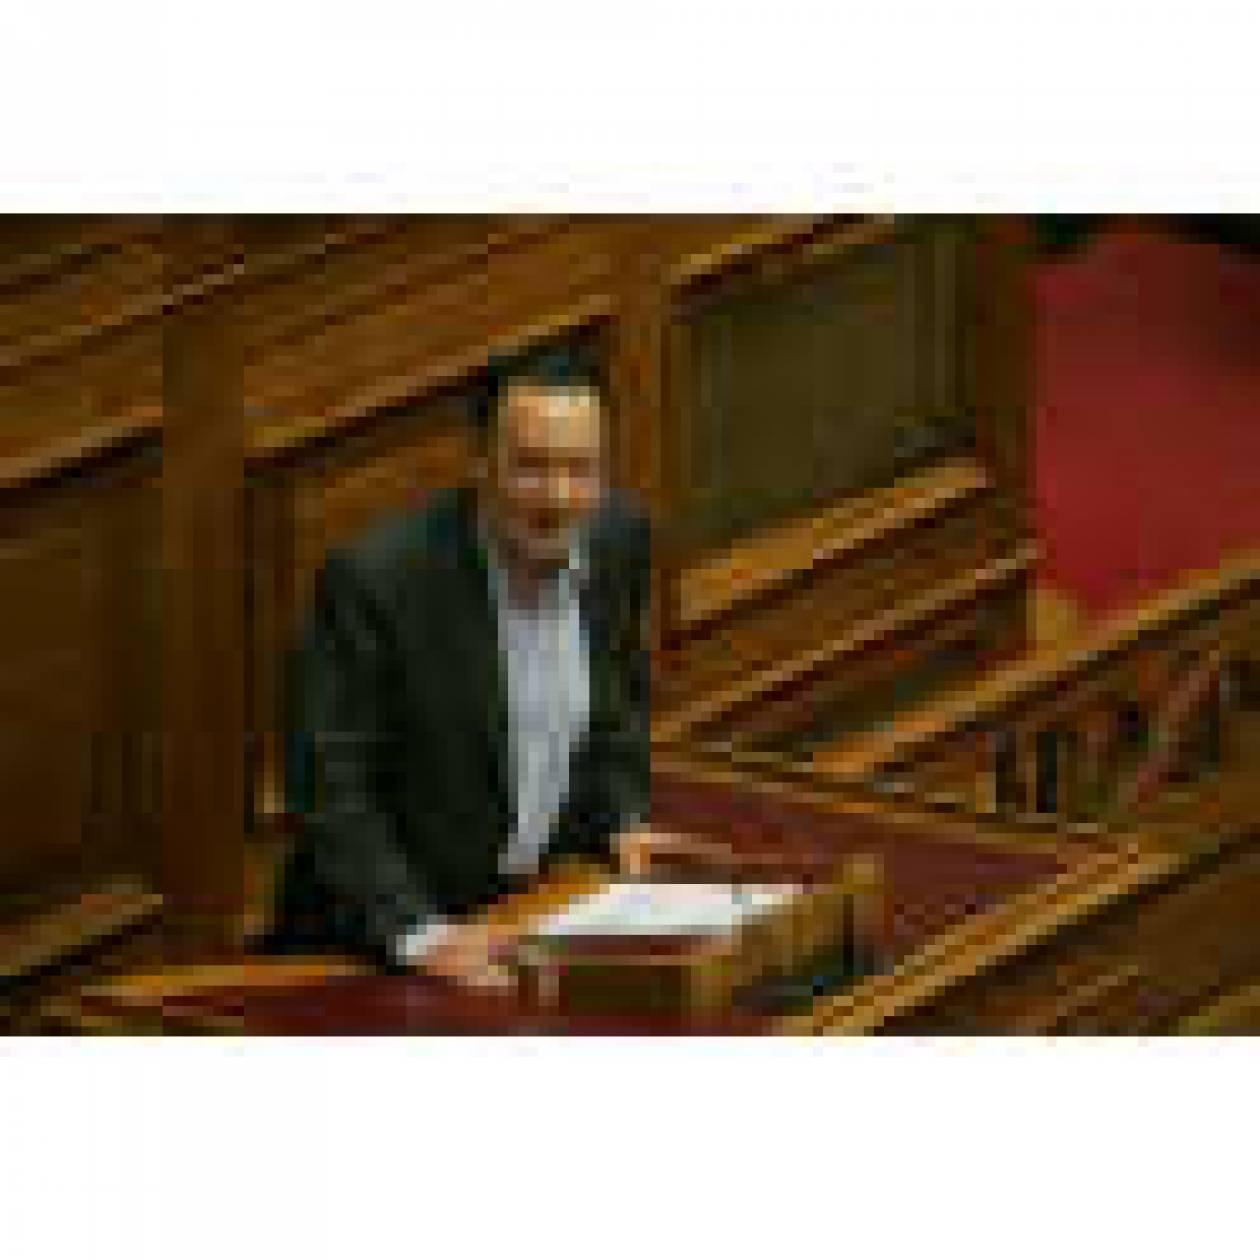 """Οι """"αγανακτισμένοι"""" δεν έχουν κομματική ταμπέλα κ. Λαφαζάνη"""